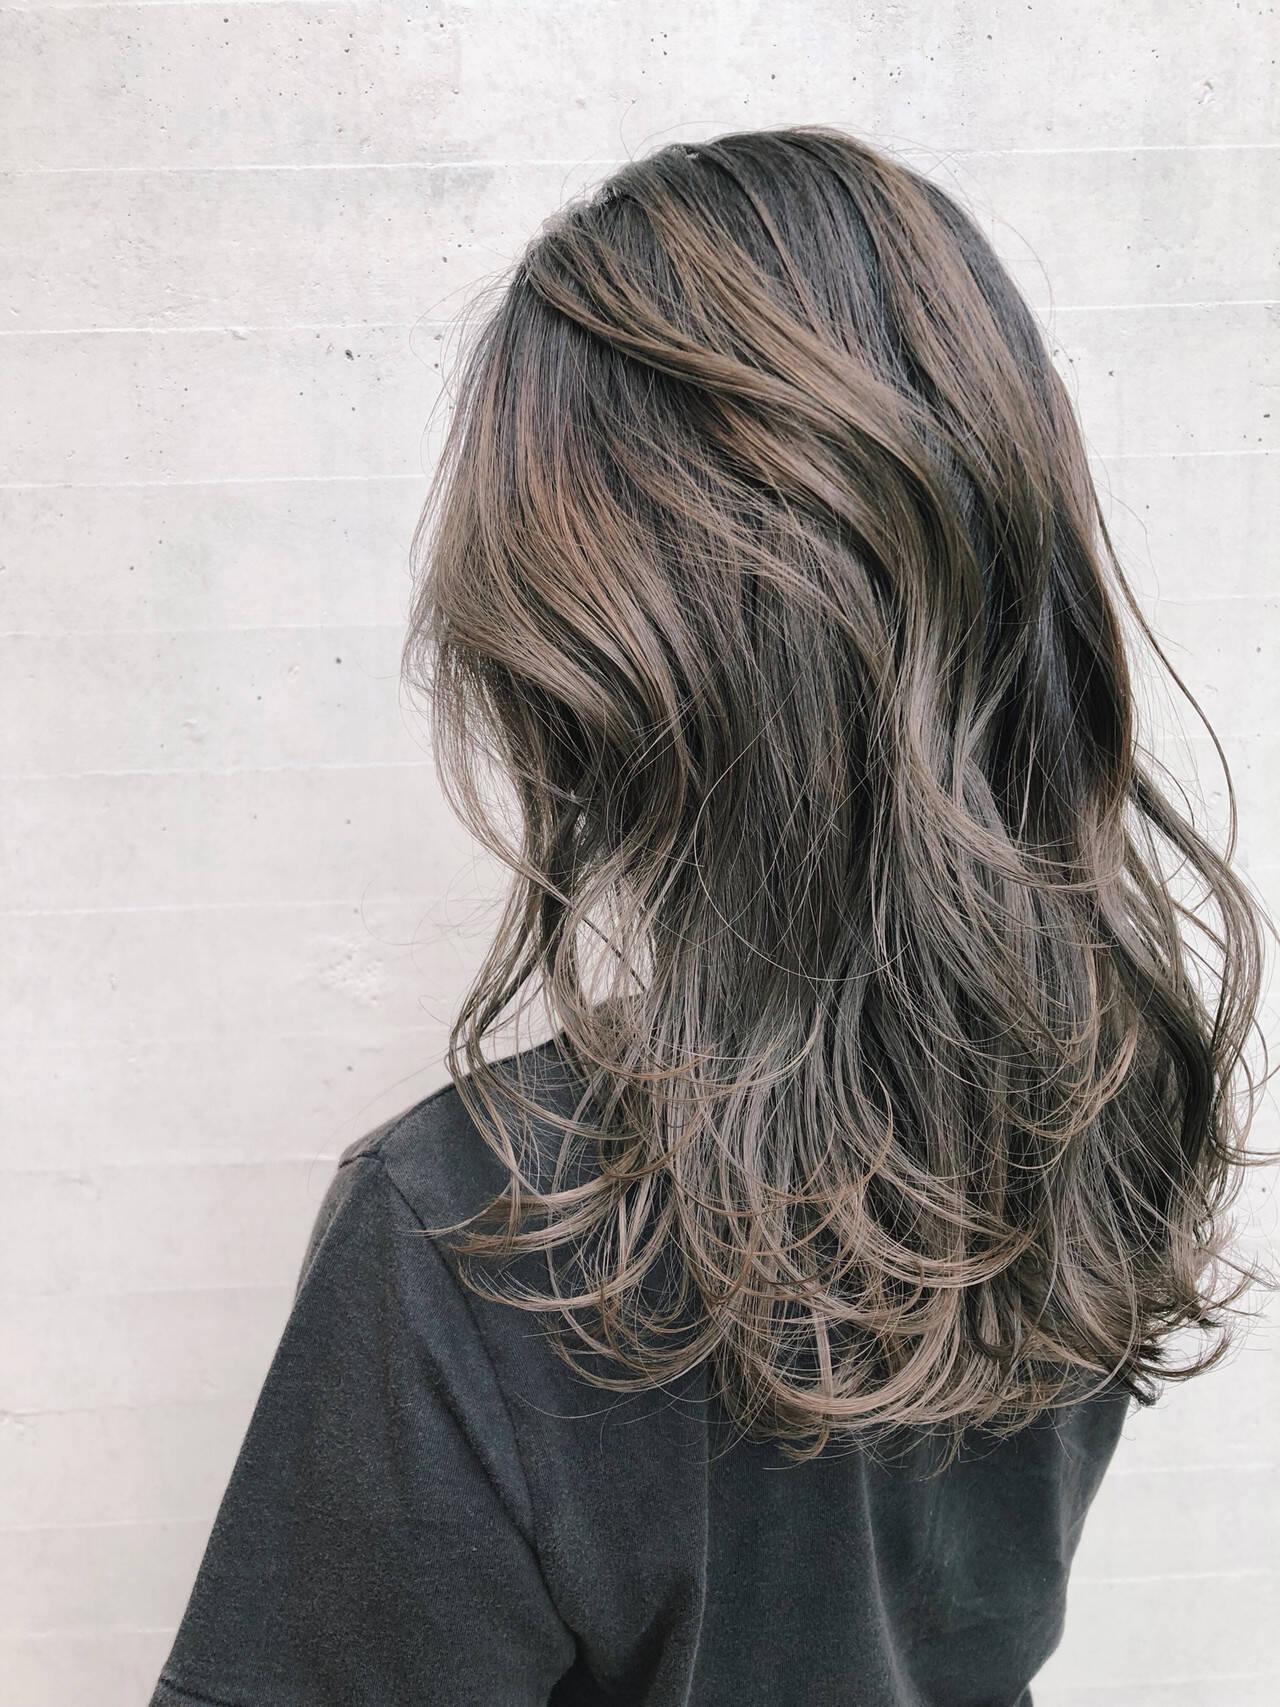 大人ハイライト ハイライト 3Dハイライト ストリートヘアスタイルや髪型の写真・画像